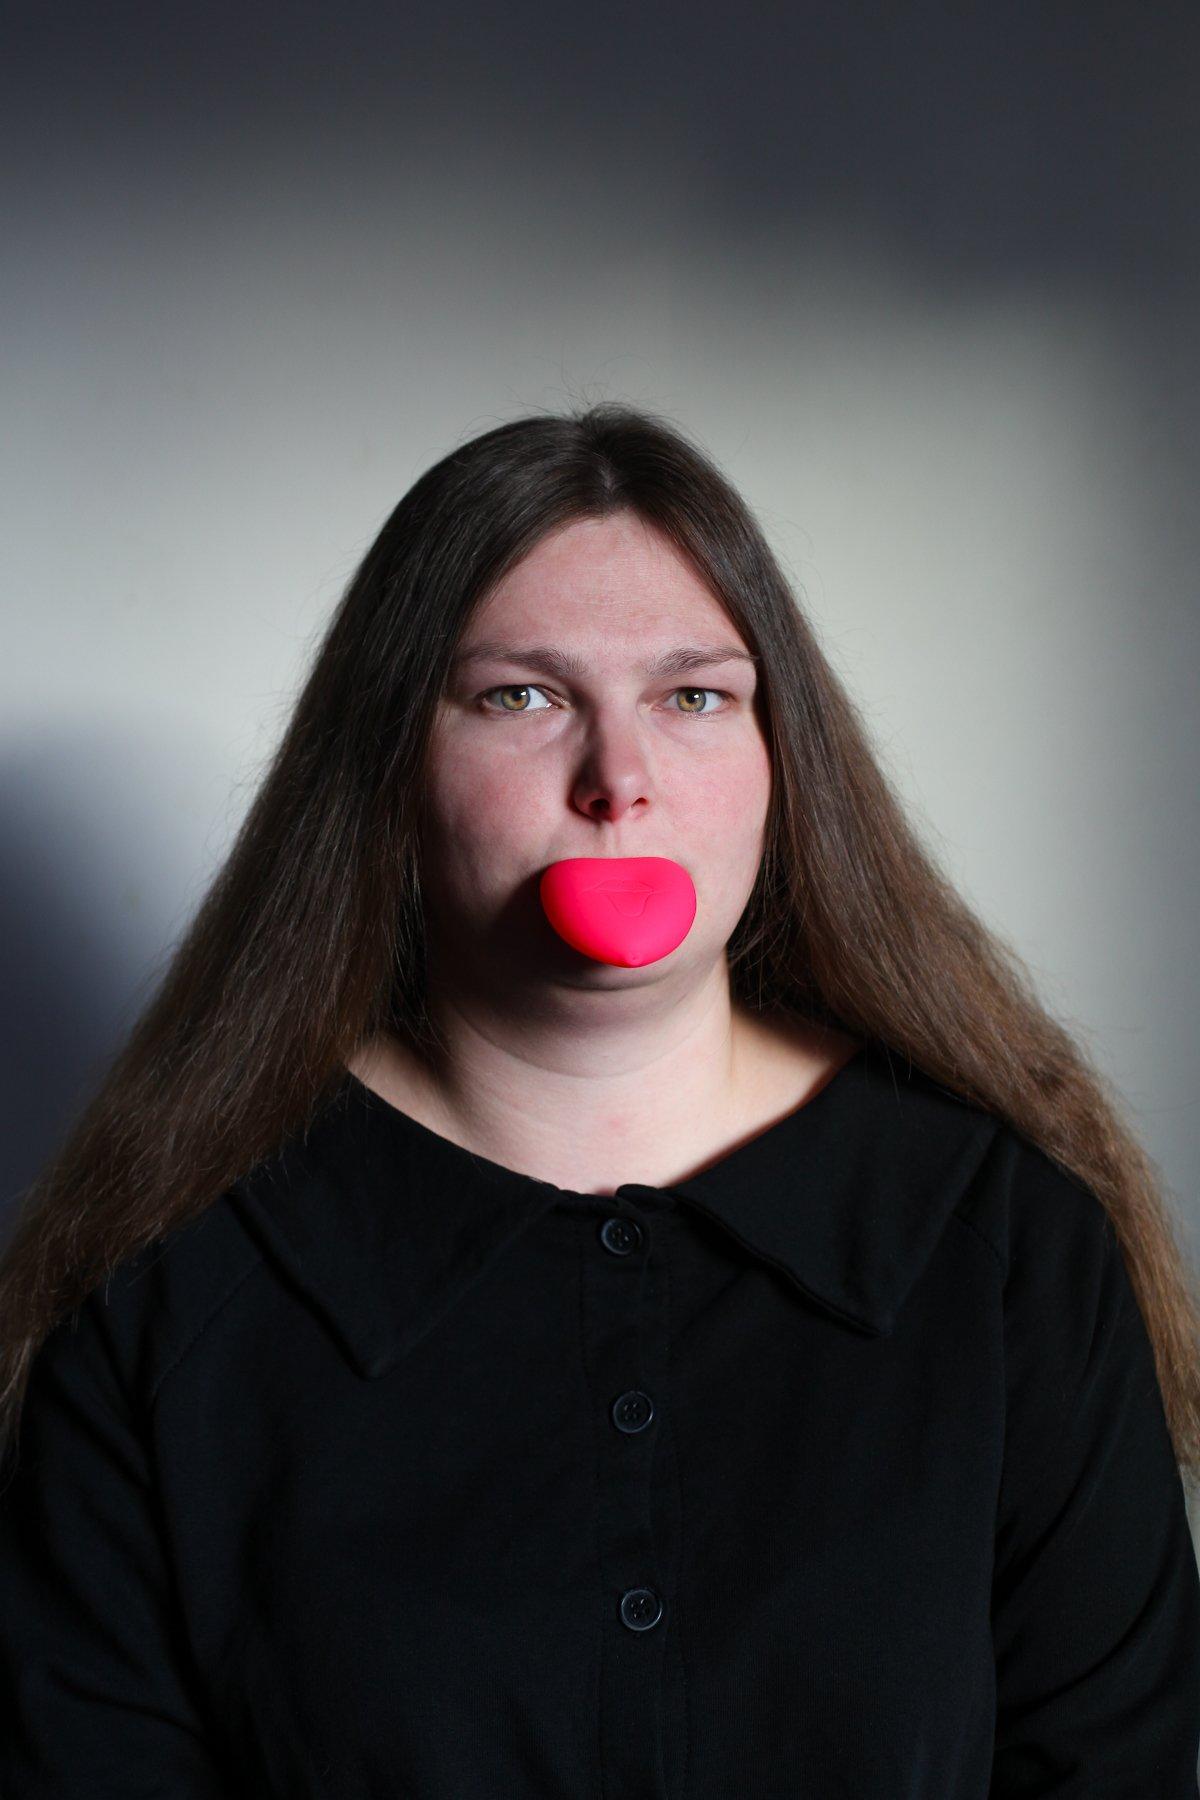 """14 fotos perturbadoras mostram as coisas bizarras que uma mulher usa para ficar """"linda"""" 12"""